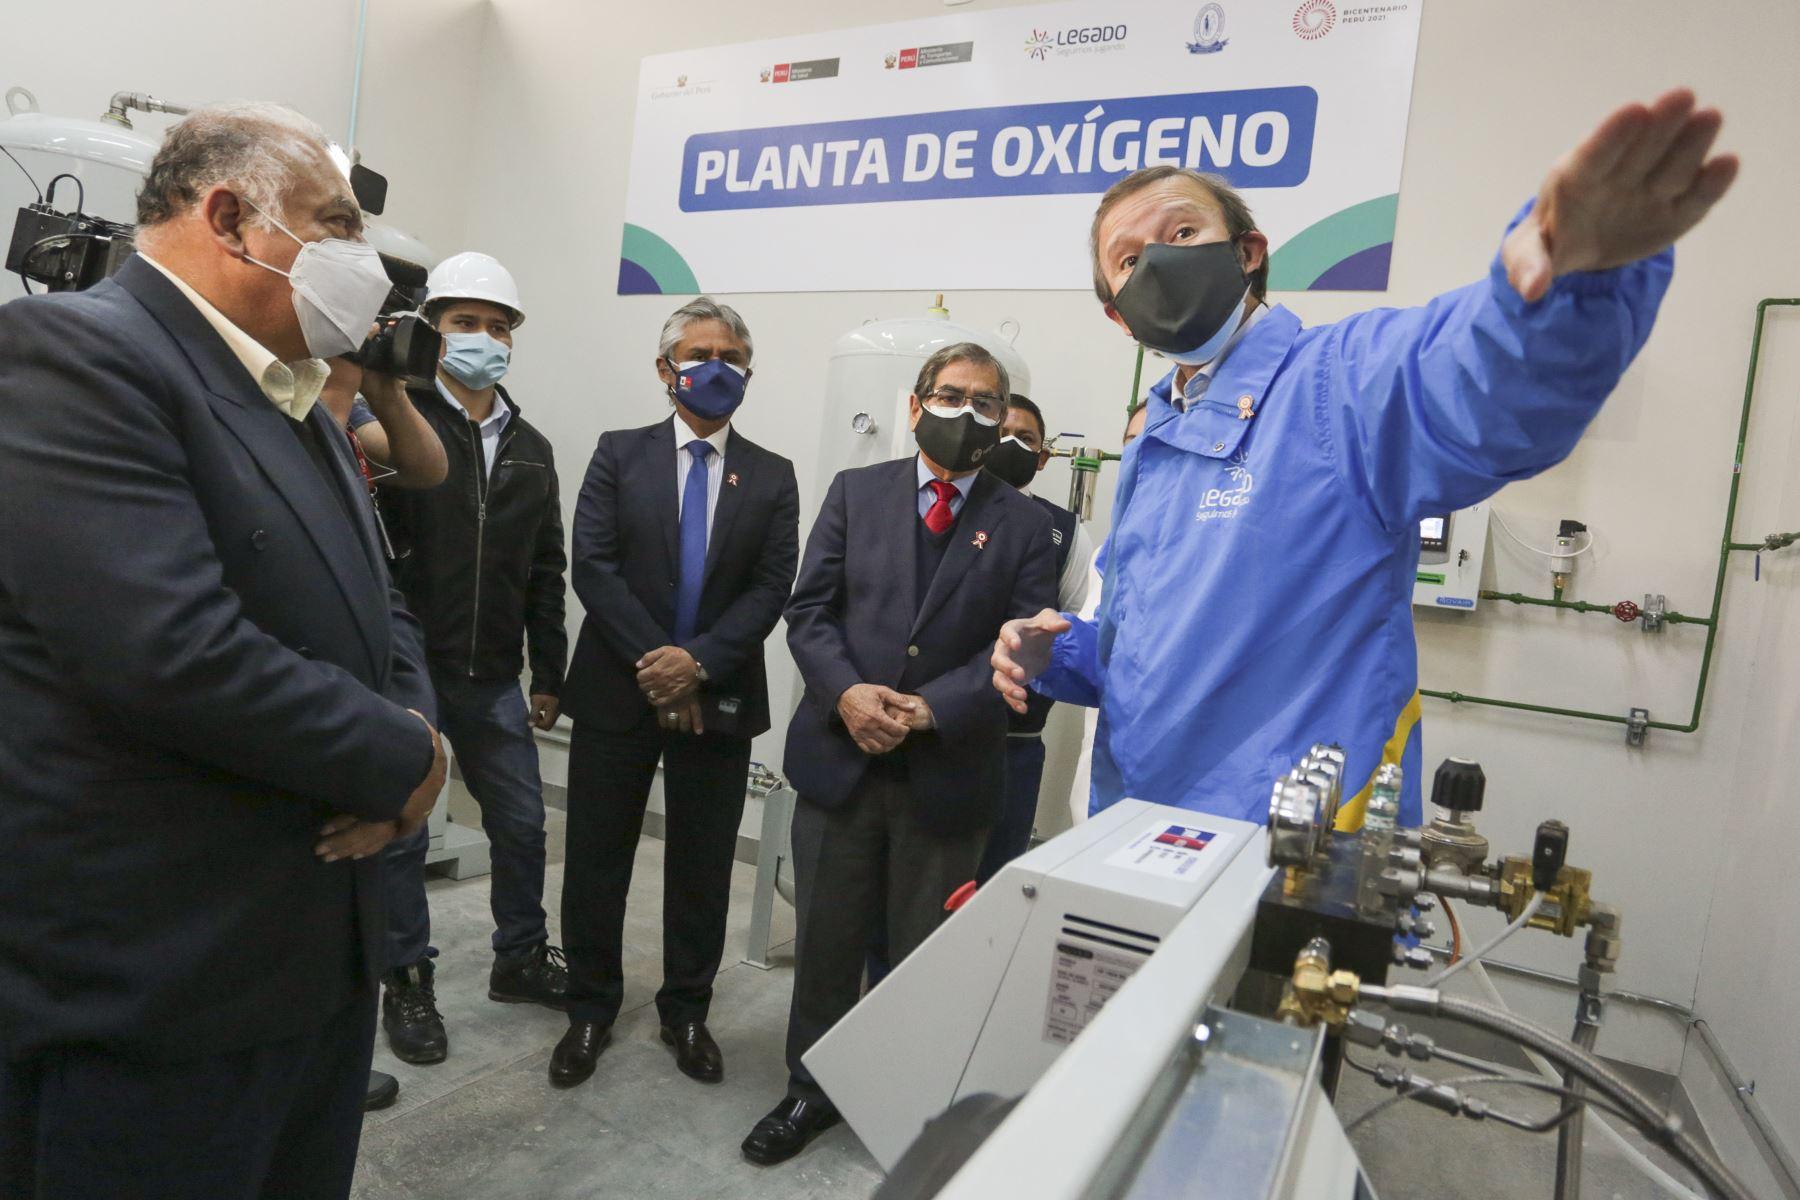 El ministro de Salud, Oscar Ugarte, junto al titular de Transportes y Comunicaciones, Eduardo González, inauguraron planta de oxígeno en el Instituto Nacional de Rehabilitación 'Dra. Adriana Rebaza Flores', en Chorrillos. Foto: ANDINA/Minsa